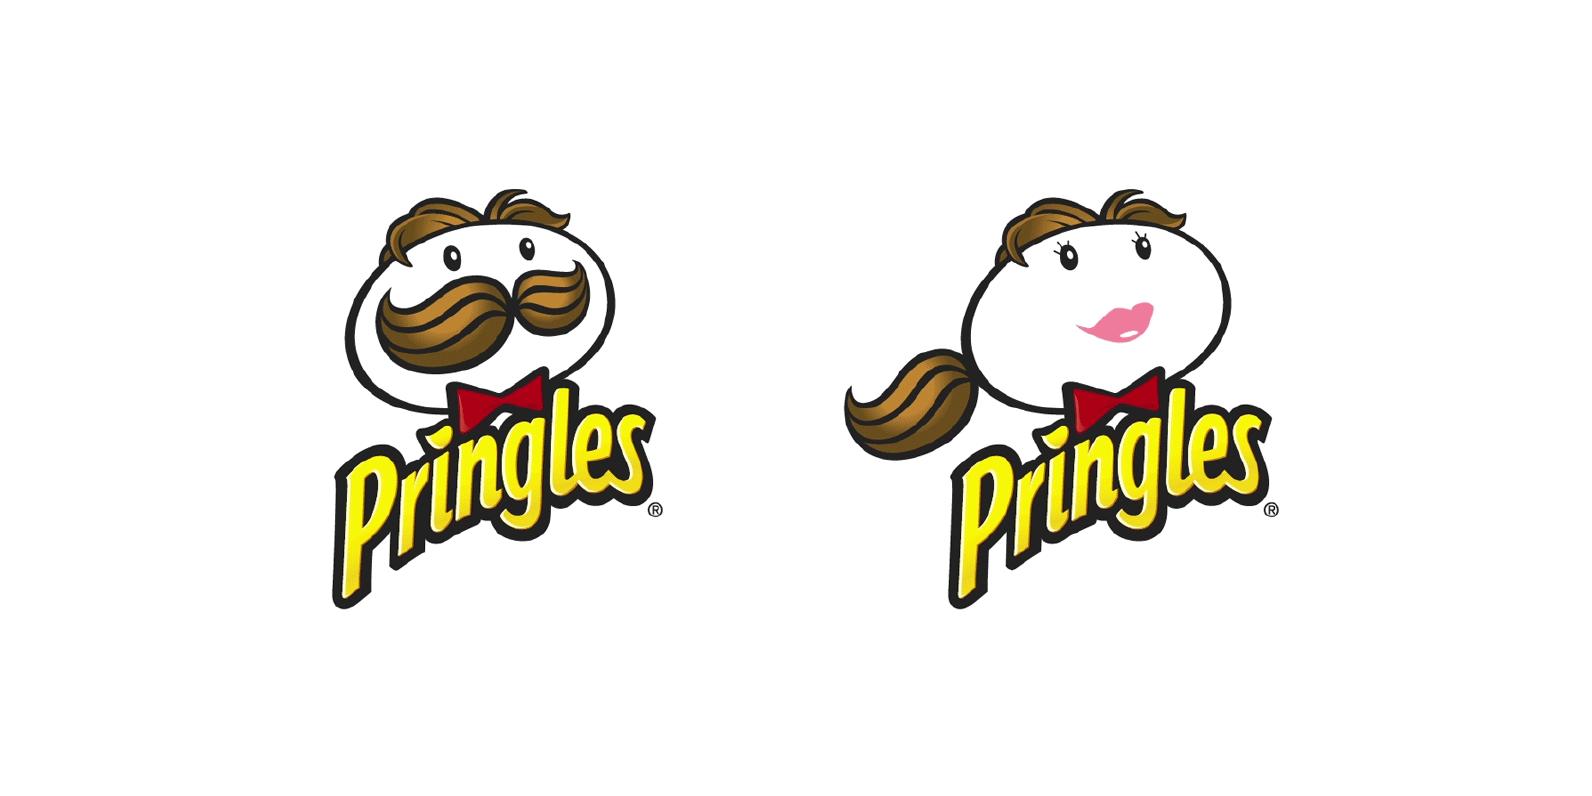 Diseños de personajes de logos famosos creados en version femenina